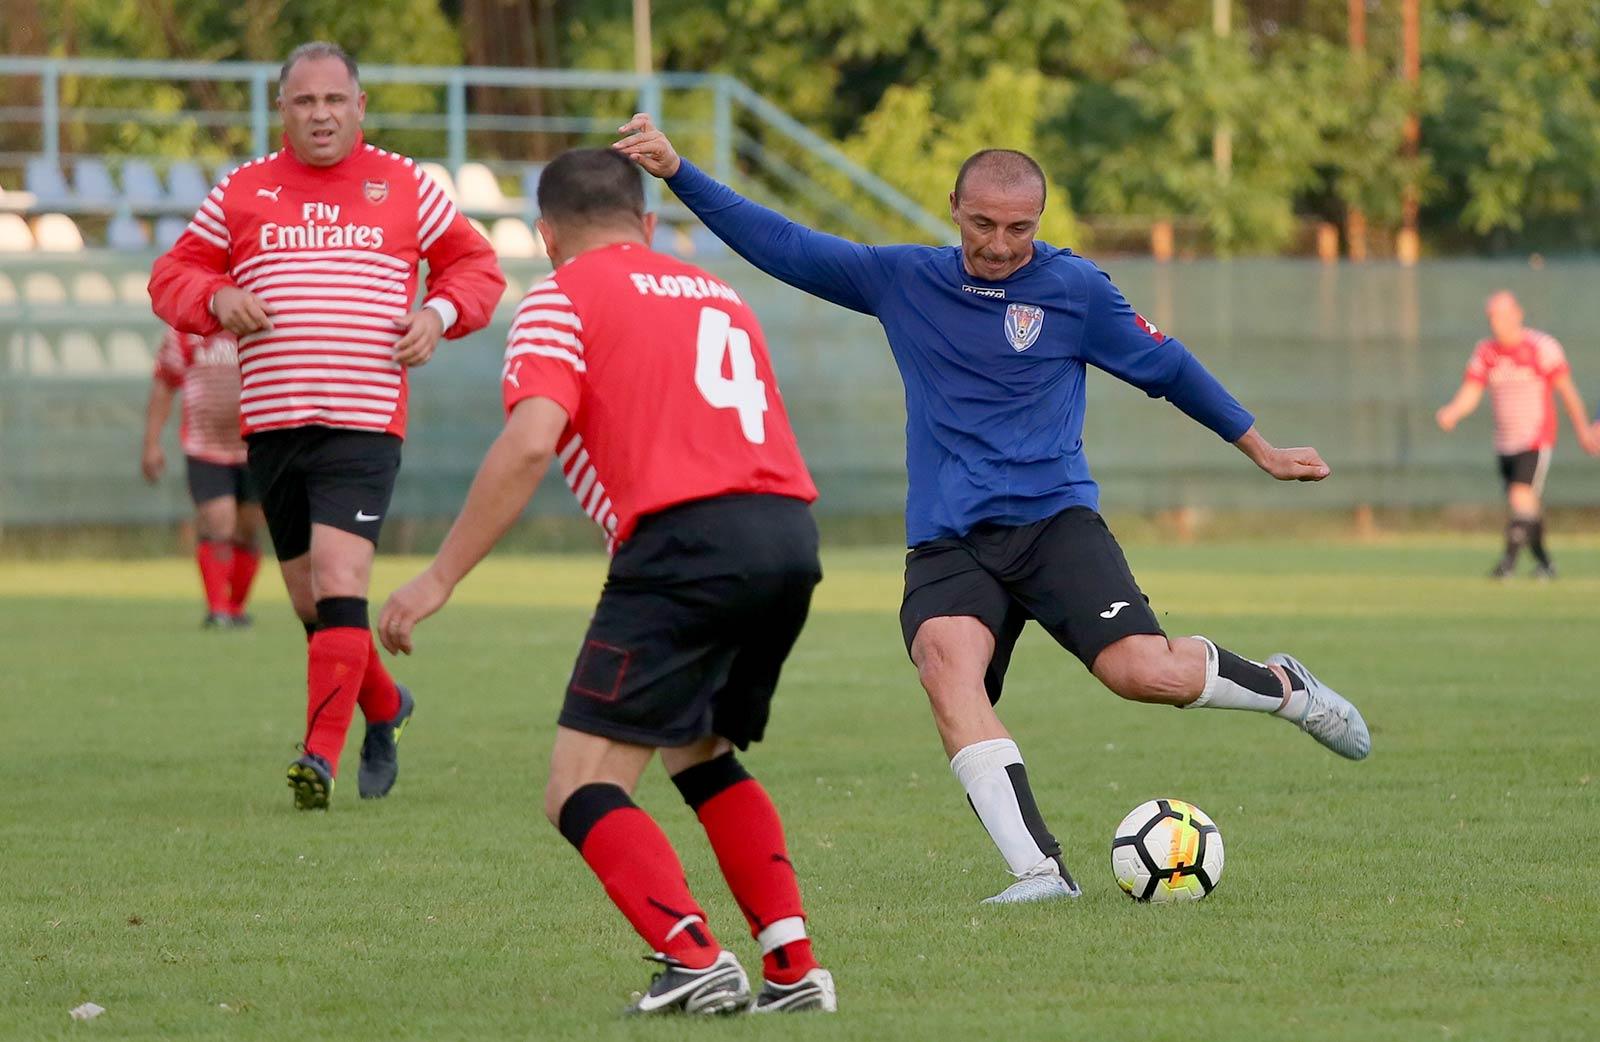 FC Union - Victoria II 3-2 / Leo Tănase